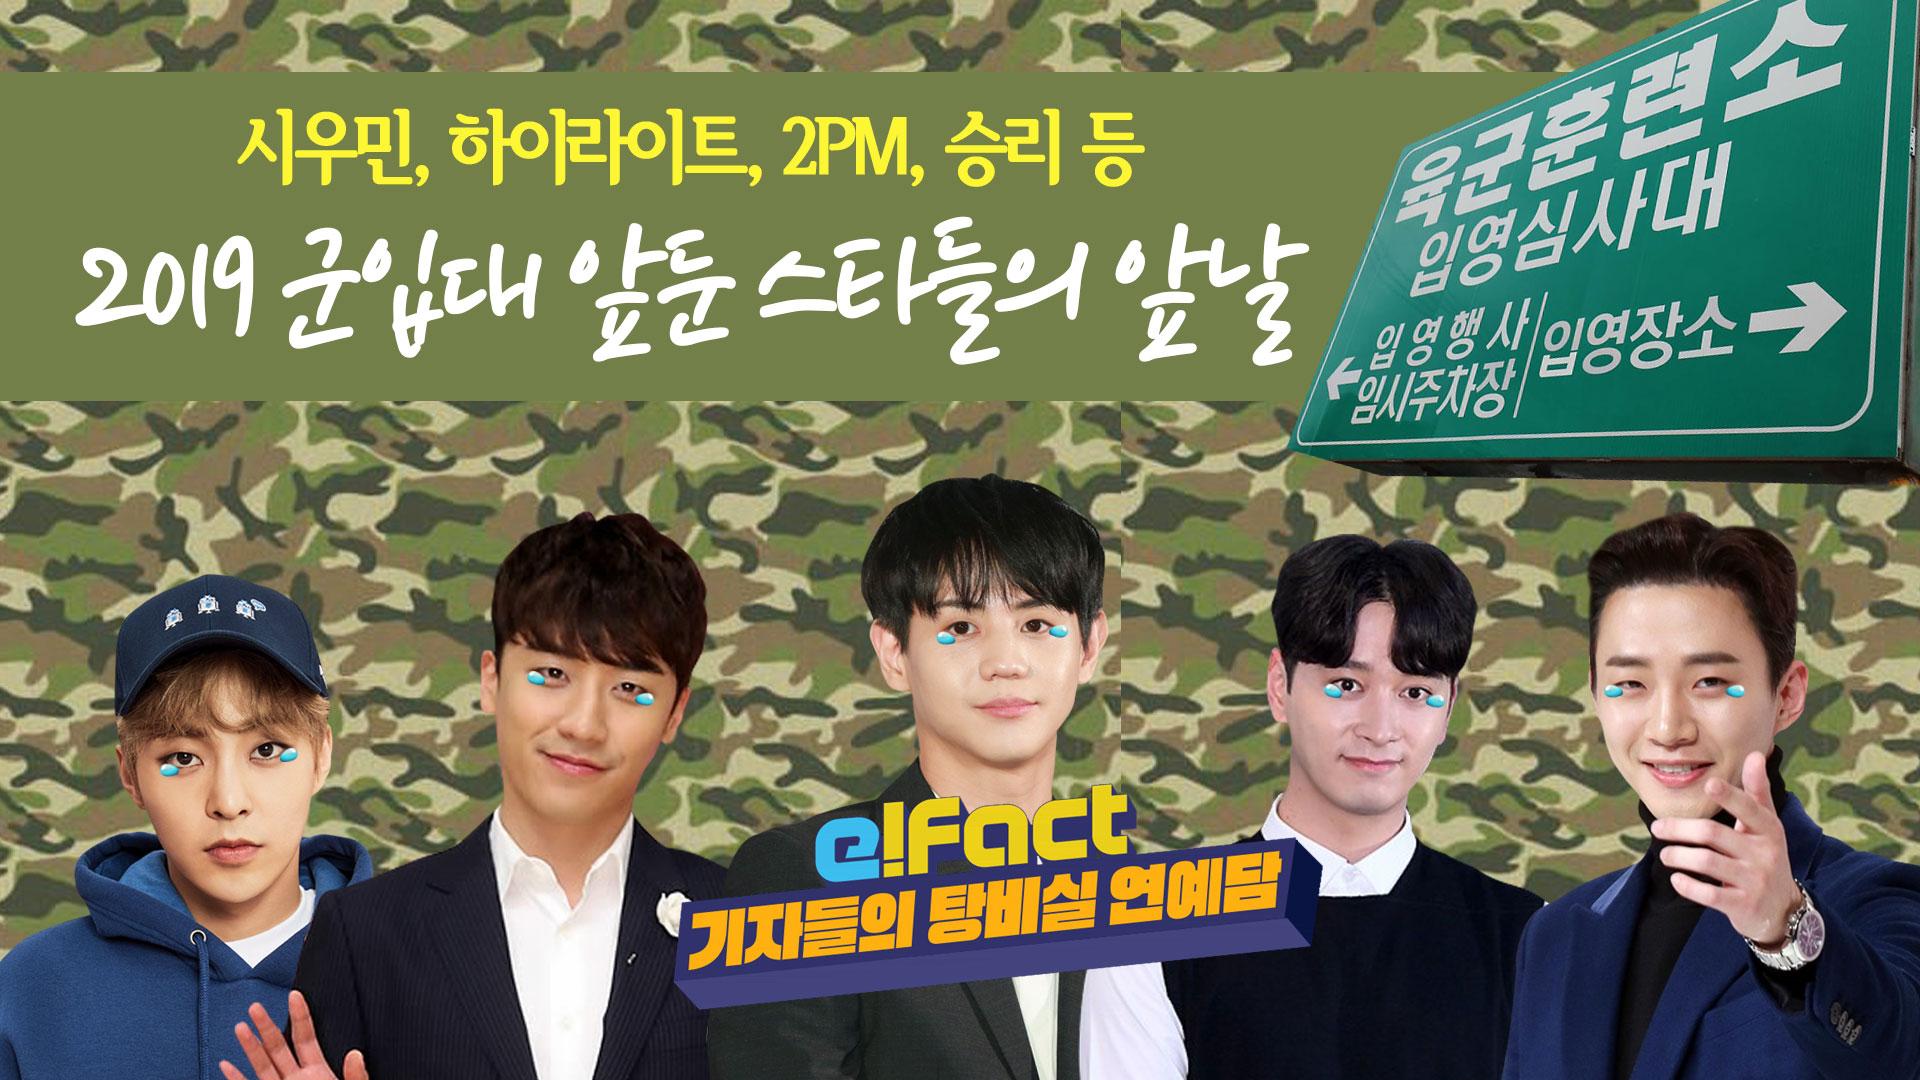 시우민, 하이라이트, 2PM, 승리 등 2019 군입대 앞둔 스타들의 앞날